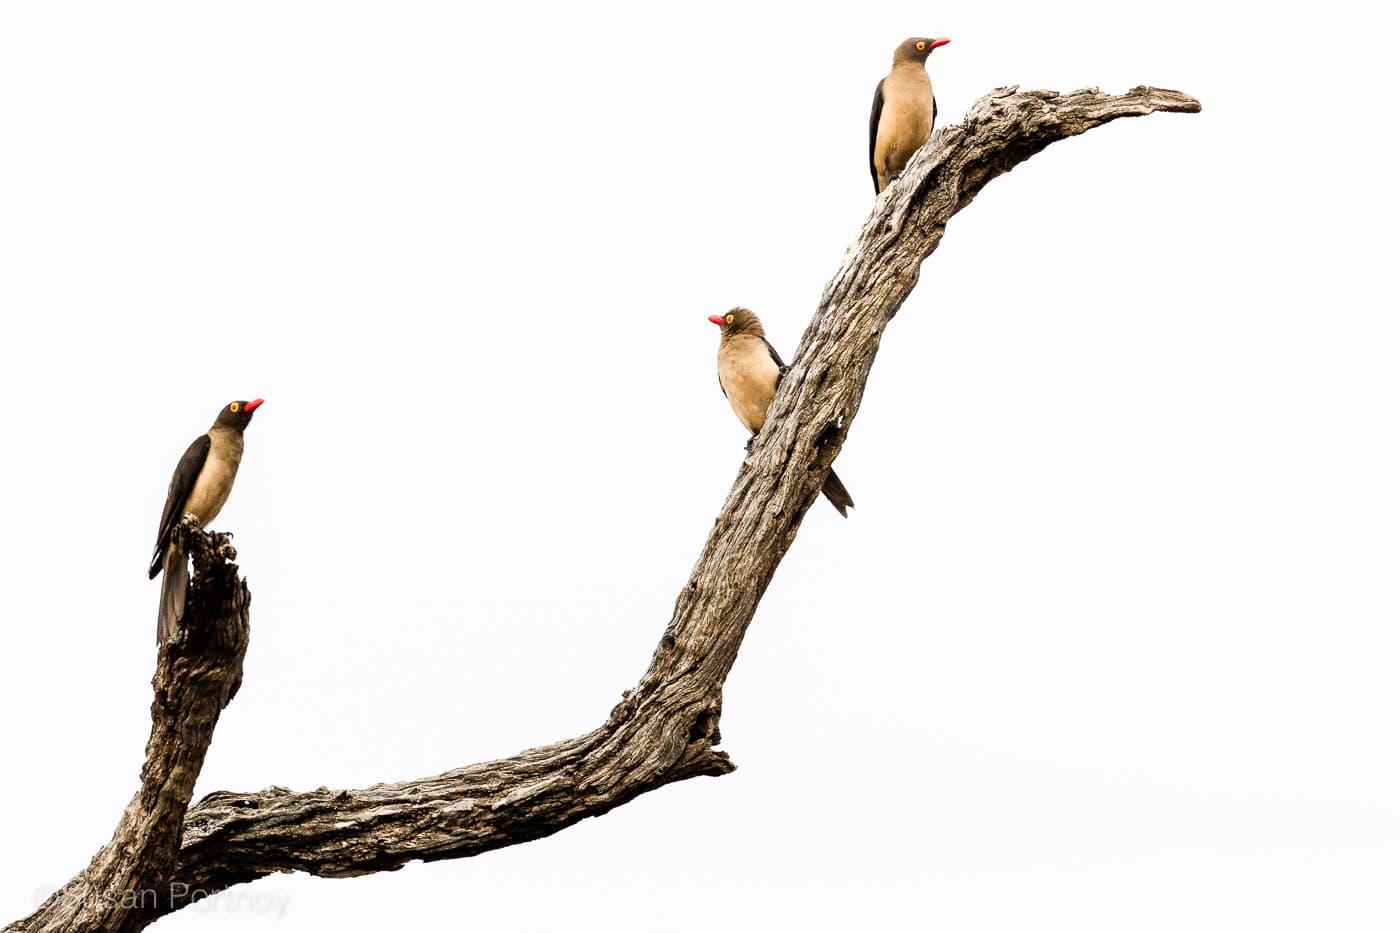 sportnoy_birds-21